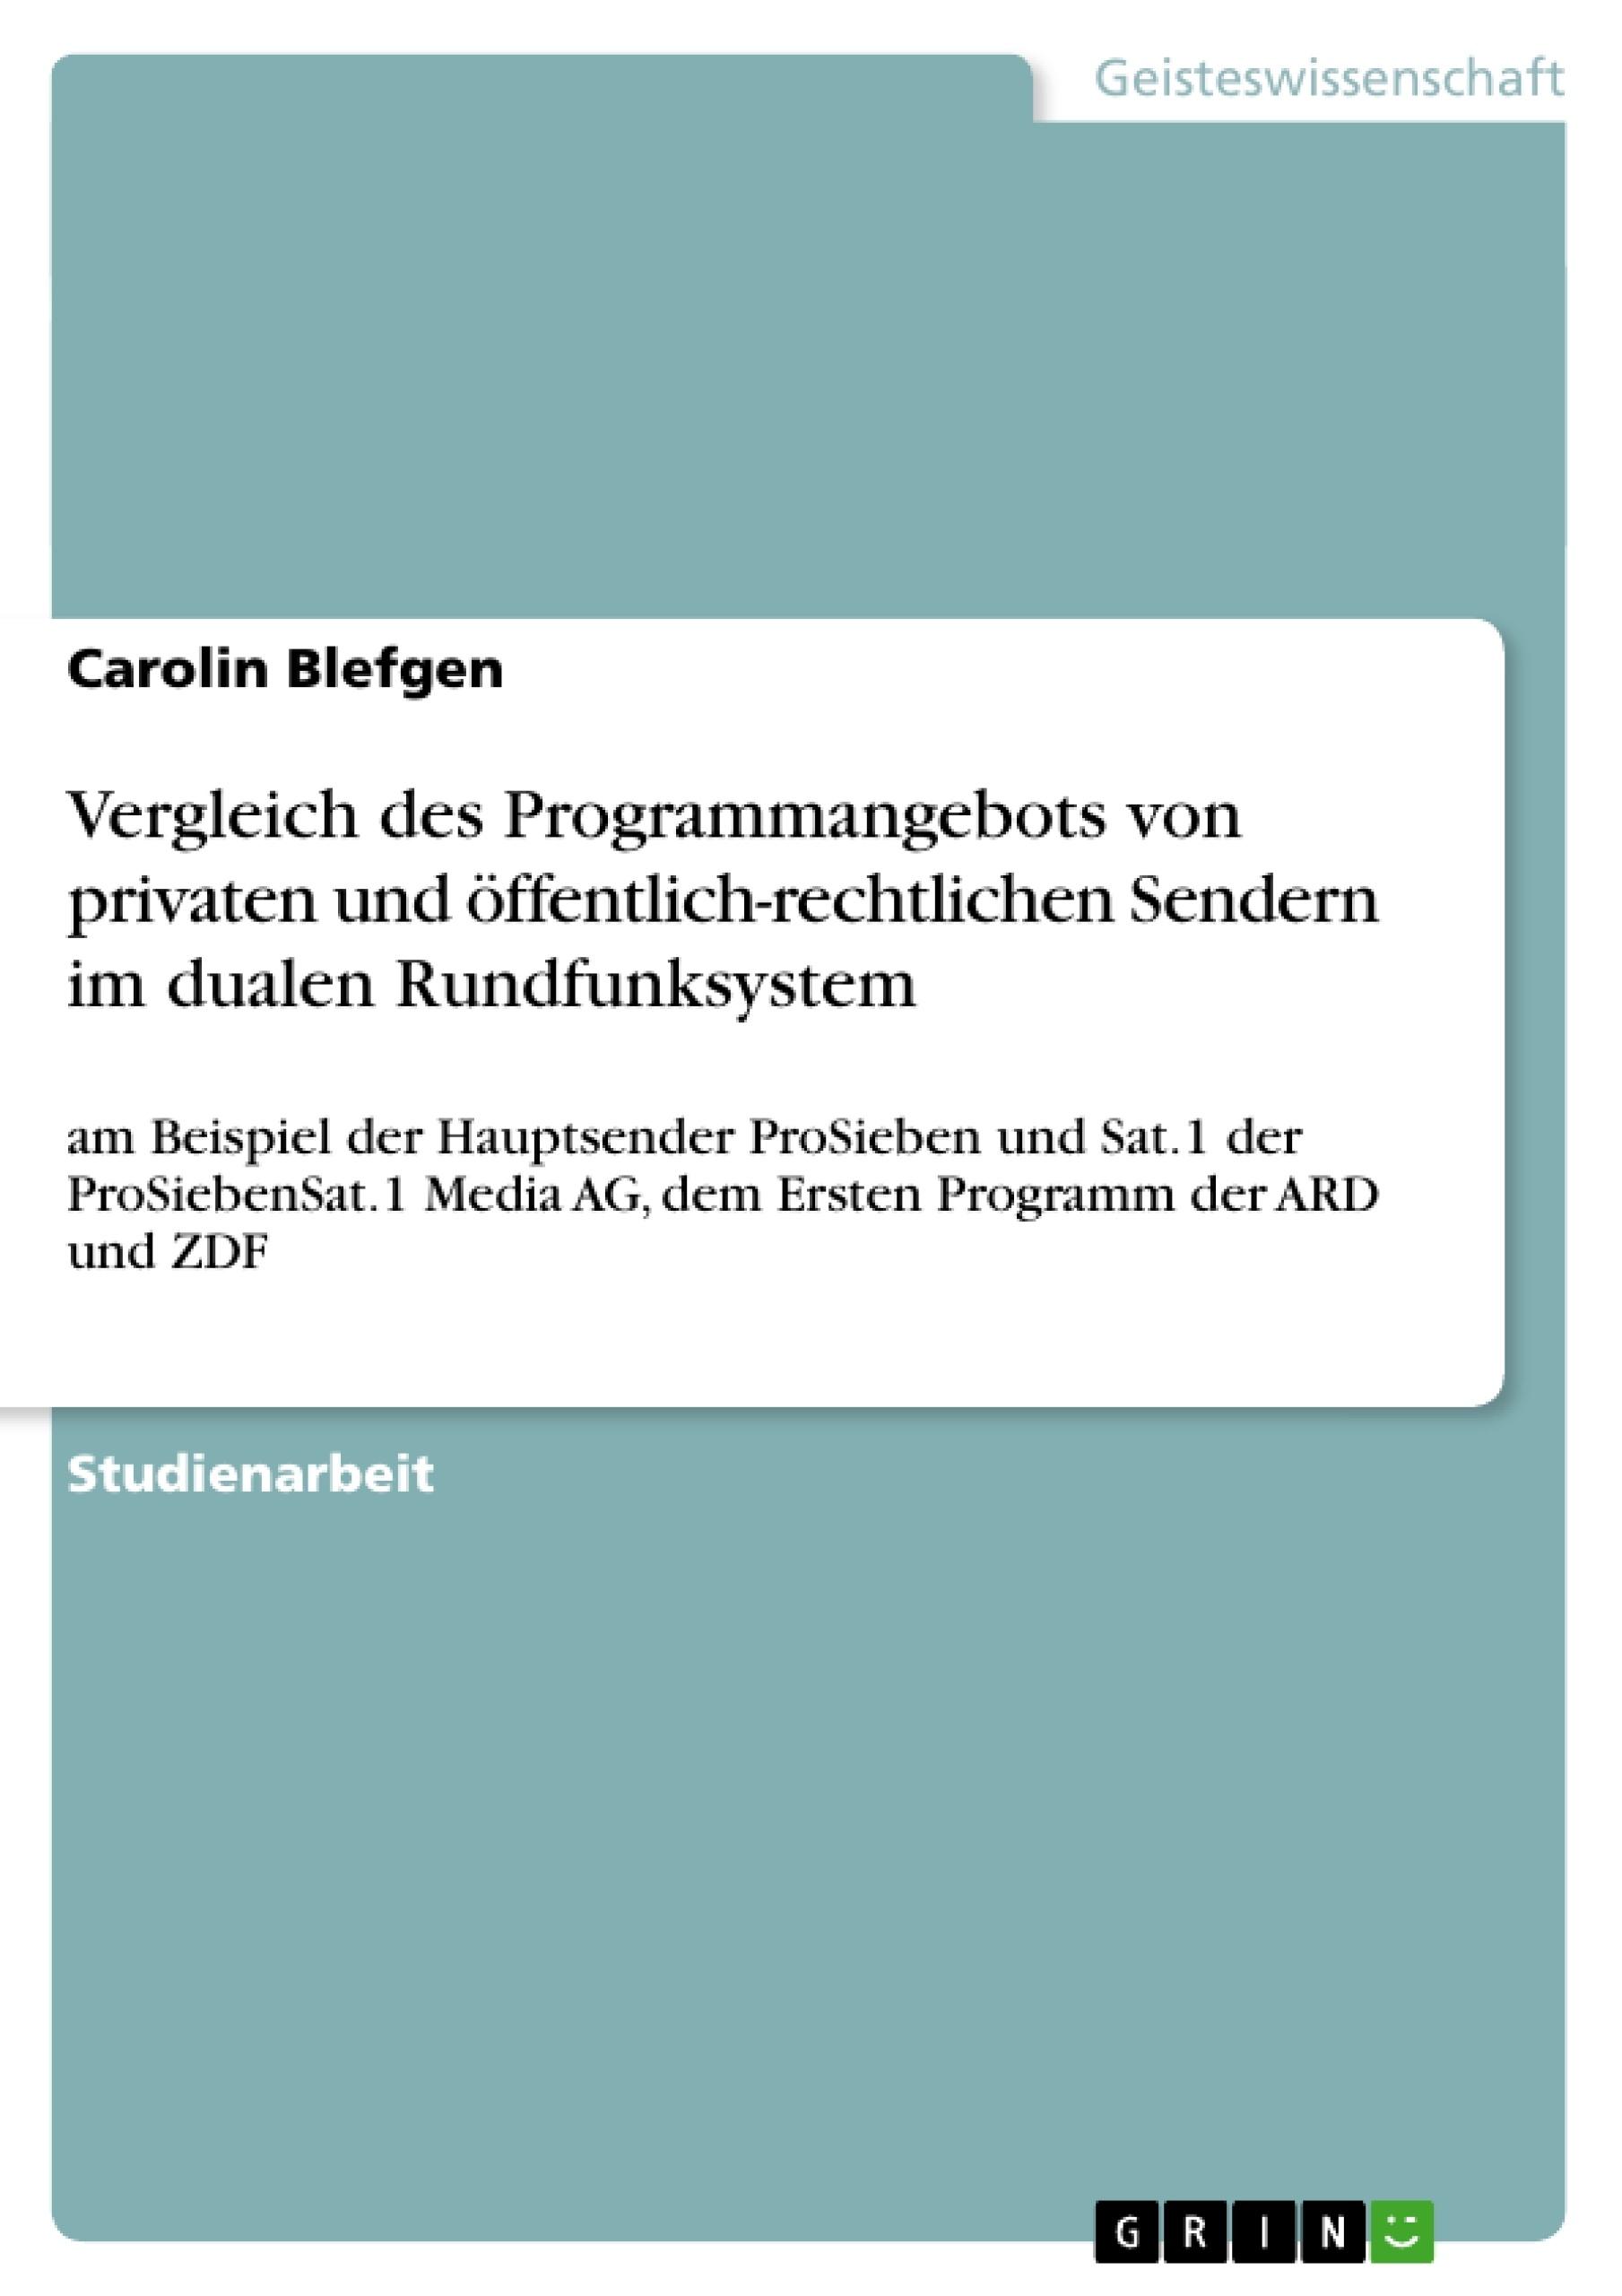 Titel: Vergleich des Programmangebots von privaten und öffentlich-rechtlichen Sendern im dualen Rundfunksystem